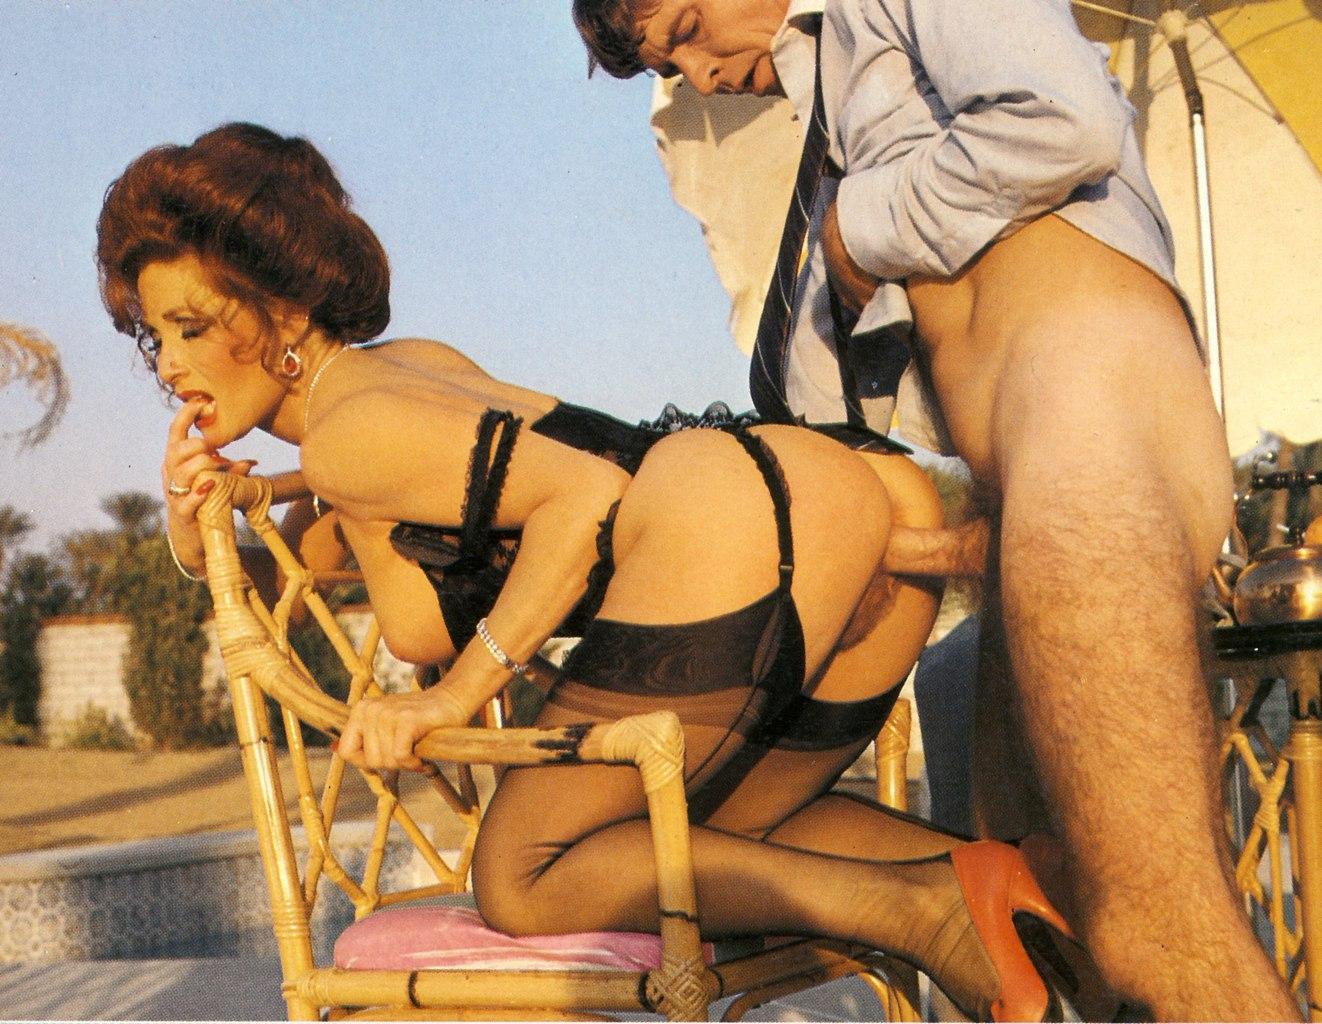 Порно фильм винтаж онлайн